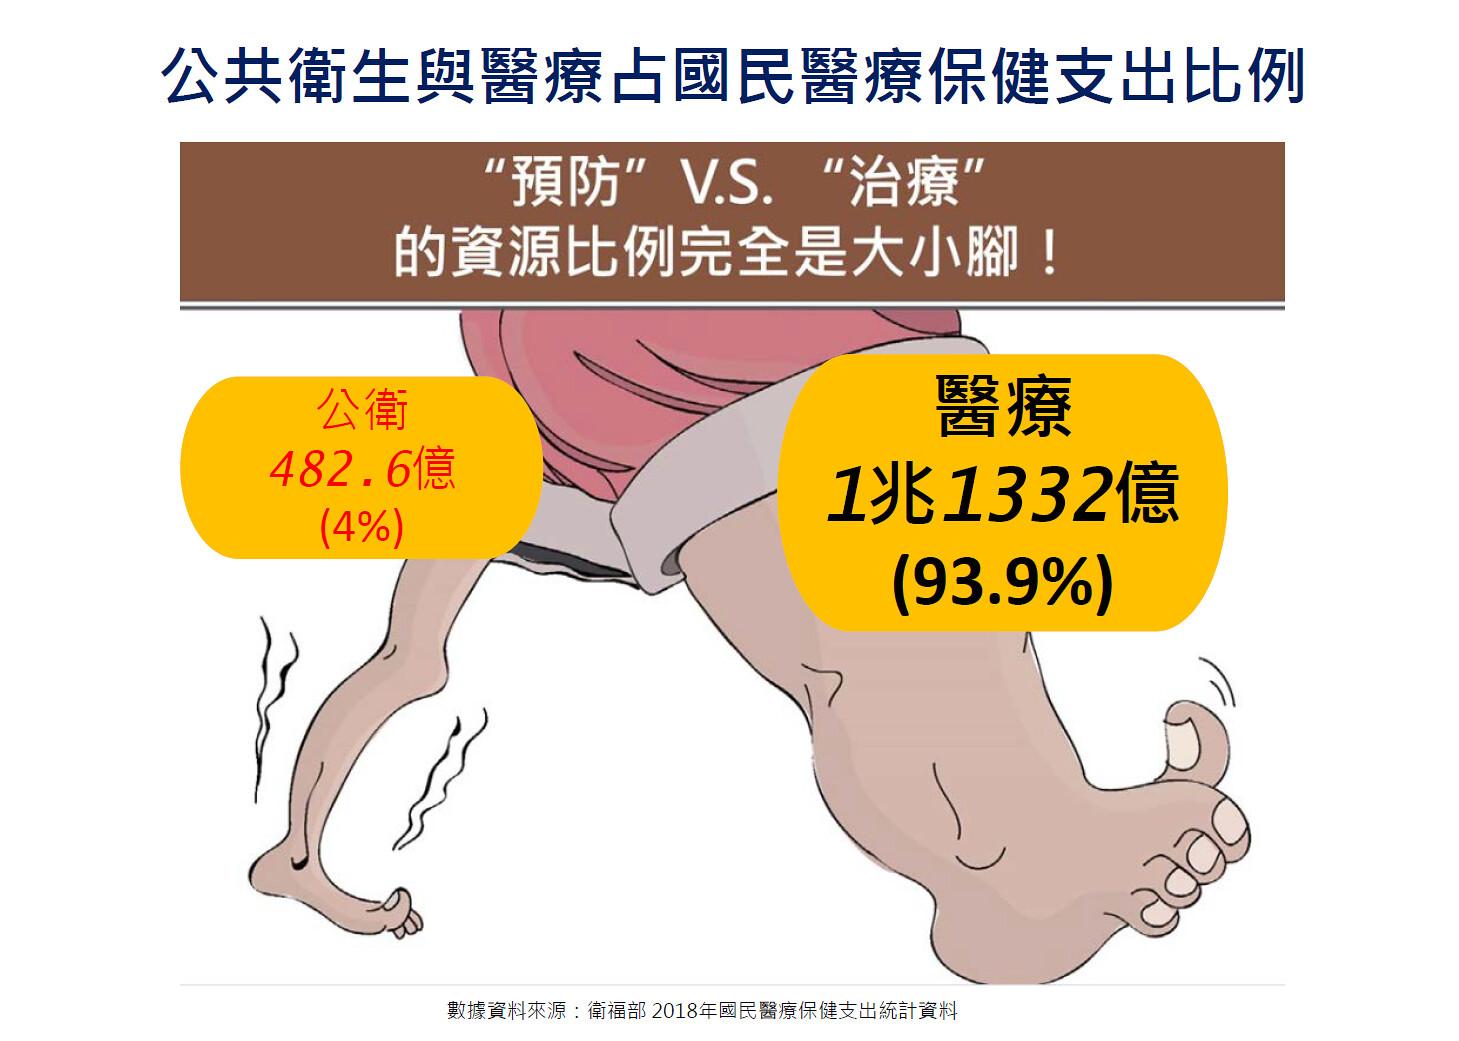 醫療和公共衛生占國民醫療保健支出比例,猶如巨人和侏儒。(製圖:台灣公共衛生促進協會)